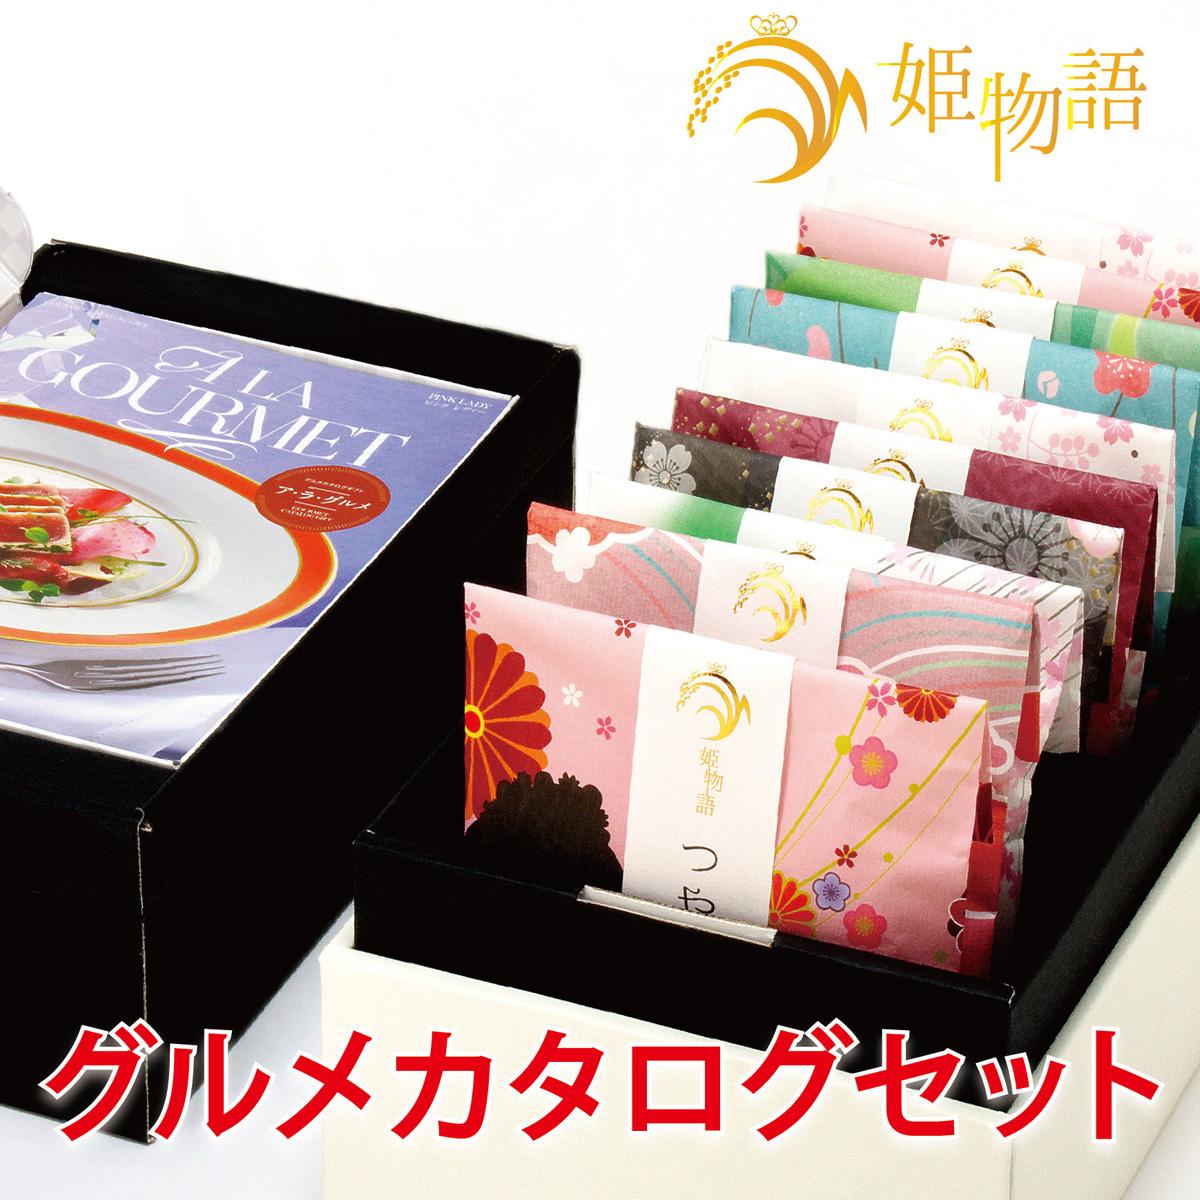 カタログギフト と 姫物語 のセット (トム コリンズ) 出産内祝い 内祝い 結婚内祝い 引出物 快気祝い 引き出物 他の ギフトに 日本の銘米 の姉妹品 送料無料 お返し 日本の名米